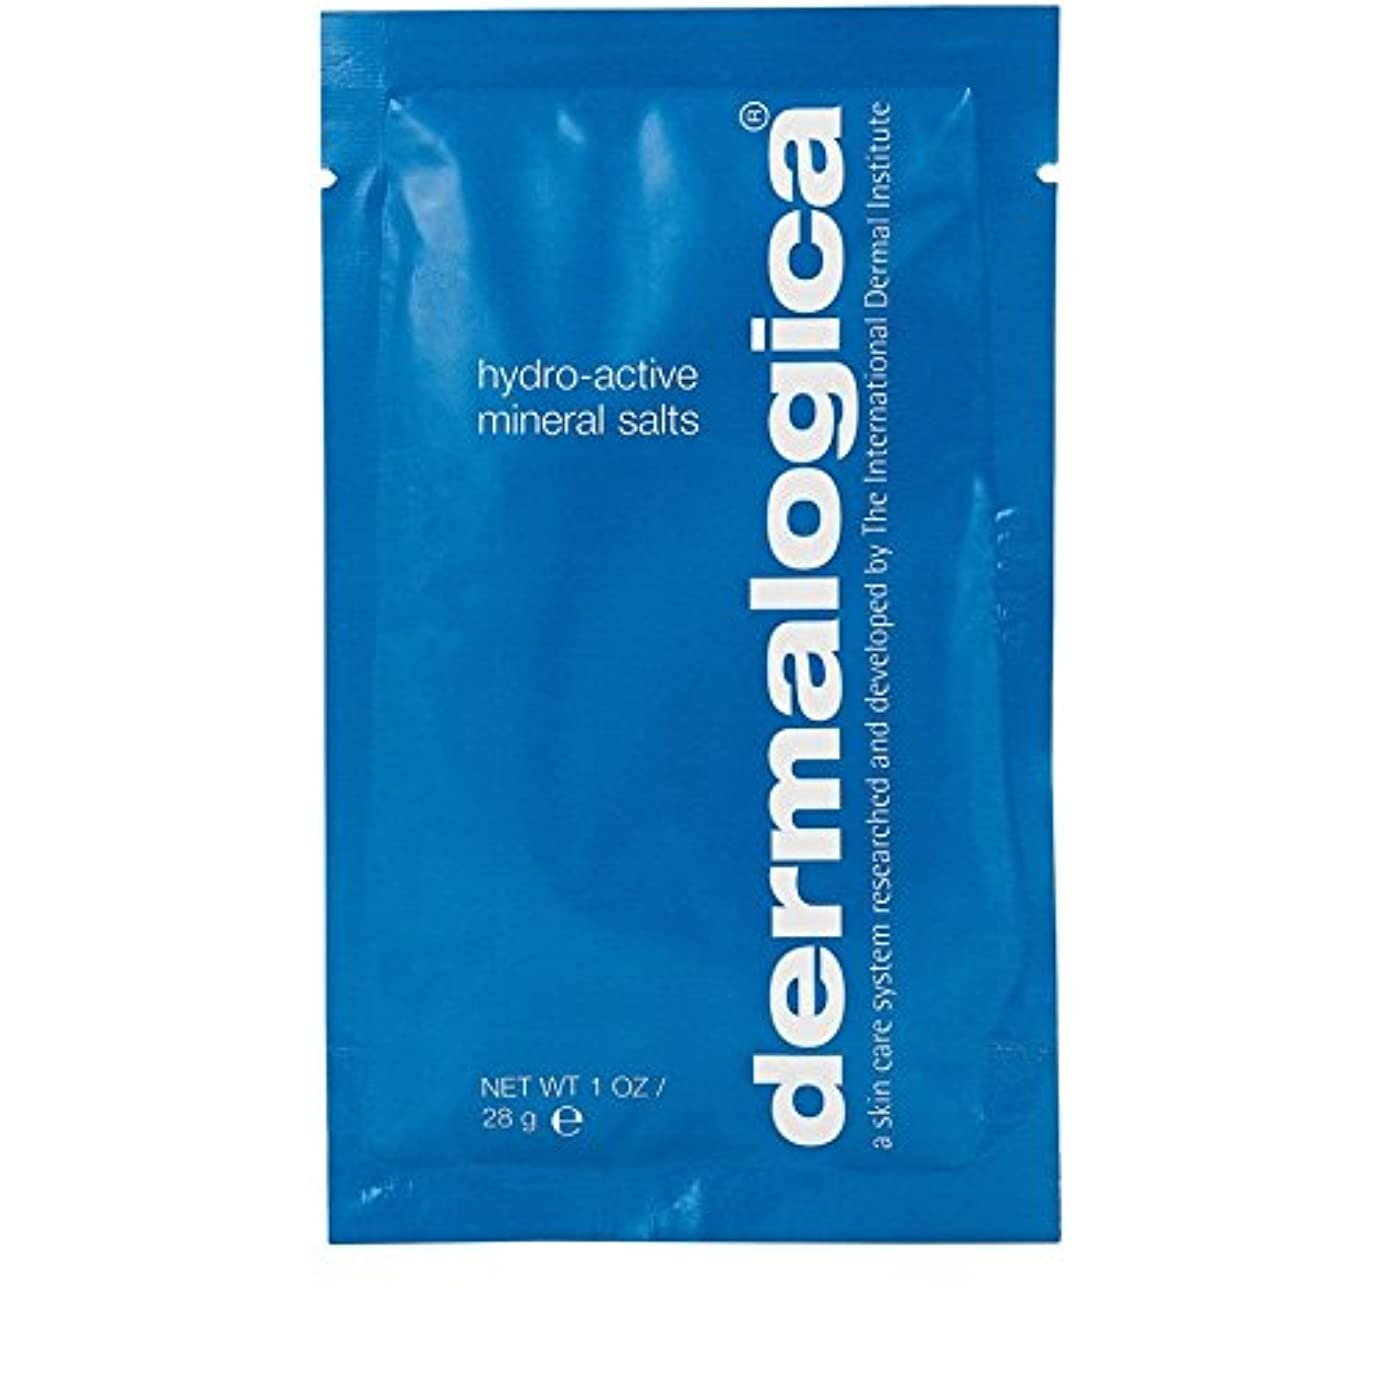 協力的悪名高いダーマロジカ水力アクティブミネラル塩28グラム x4 - Dermalogica Hydro Active Mineral Salt 28g (Pack of 4) [並行輸入品]